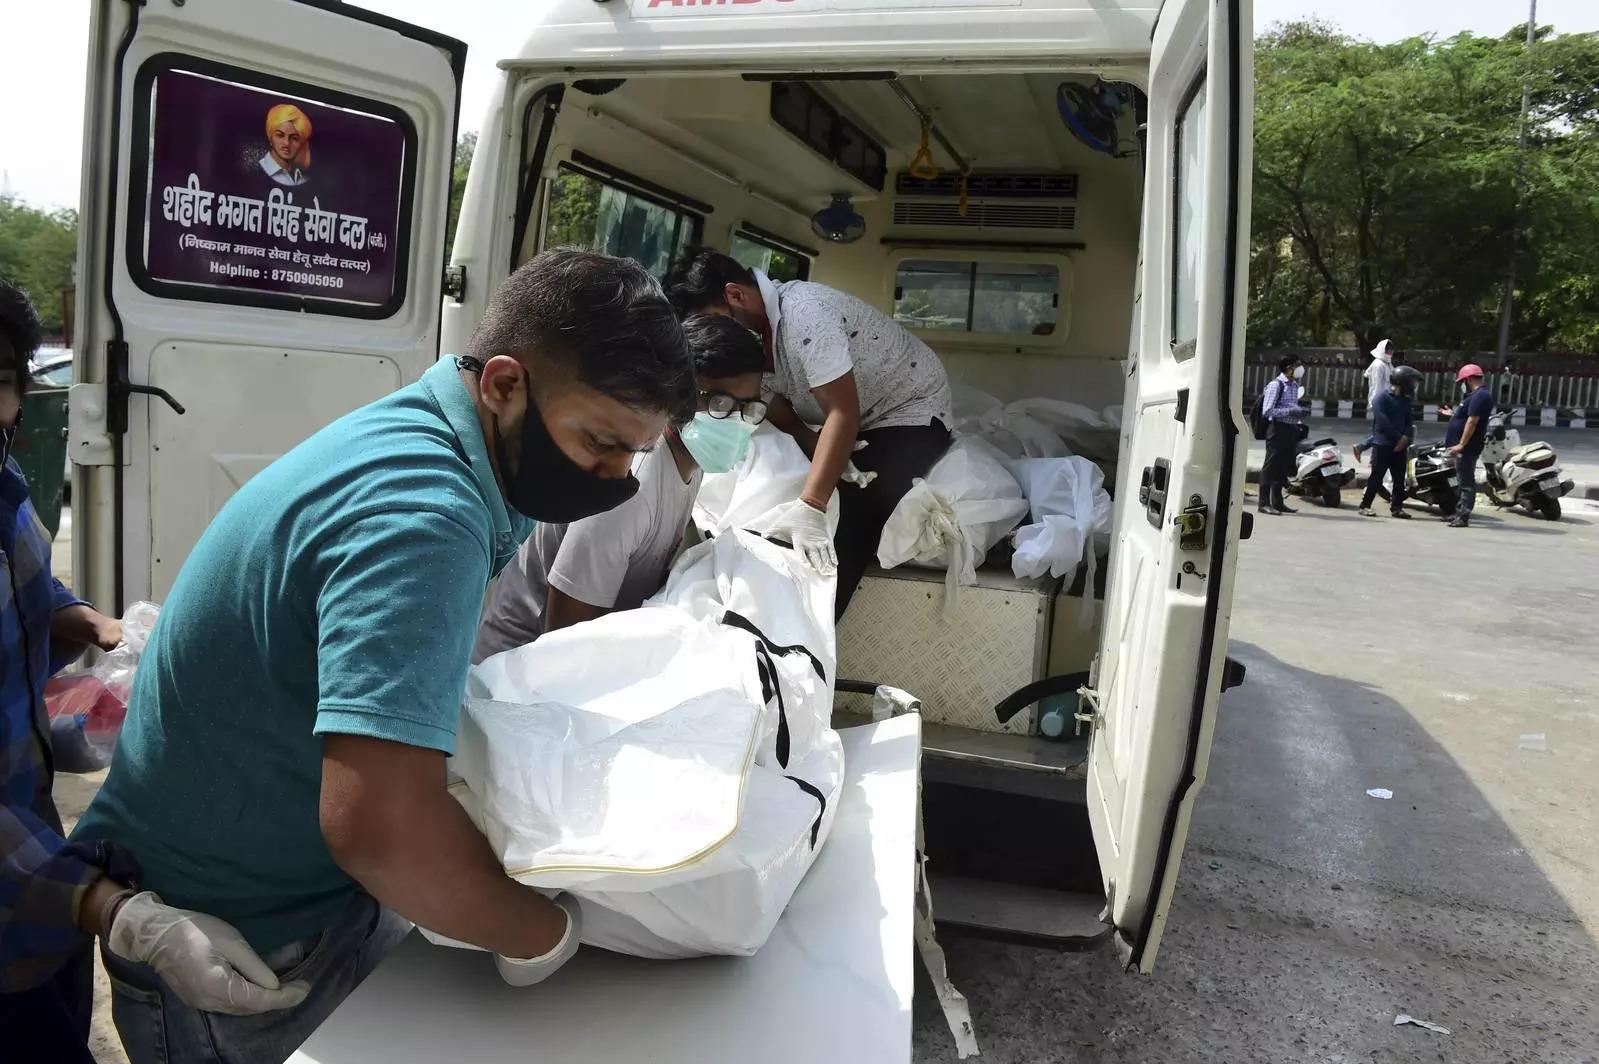 गोवा: अस्पताल में ऑक्सीजन की कमी का दावा 13 और;  4 दिनों में 75 लोगों की मौत – ET HealthWorld